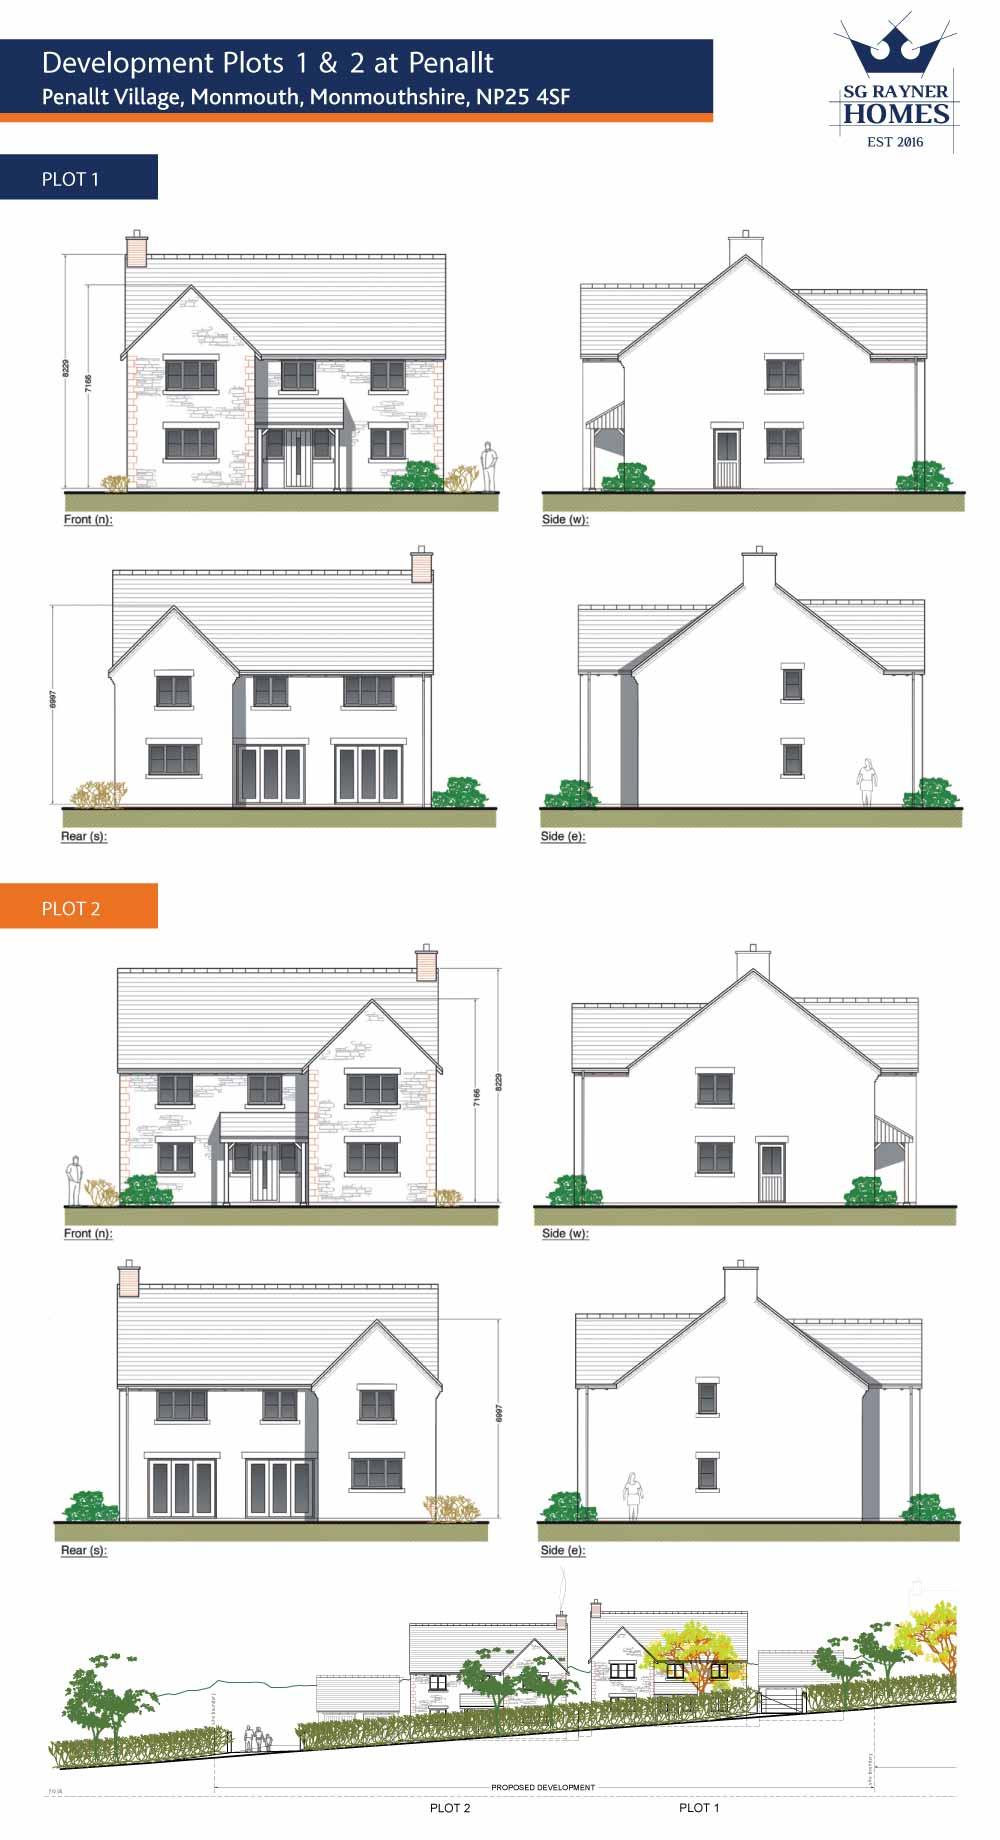 Penallt Development - Elevations